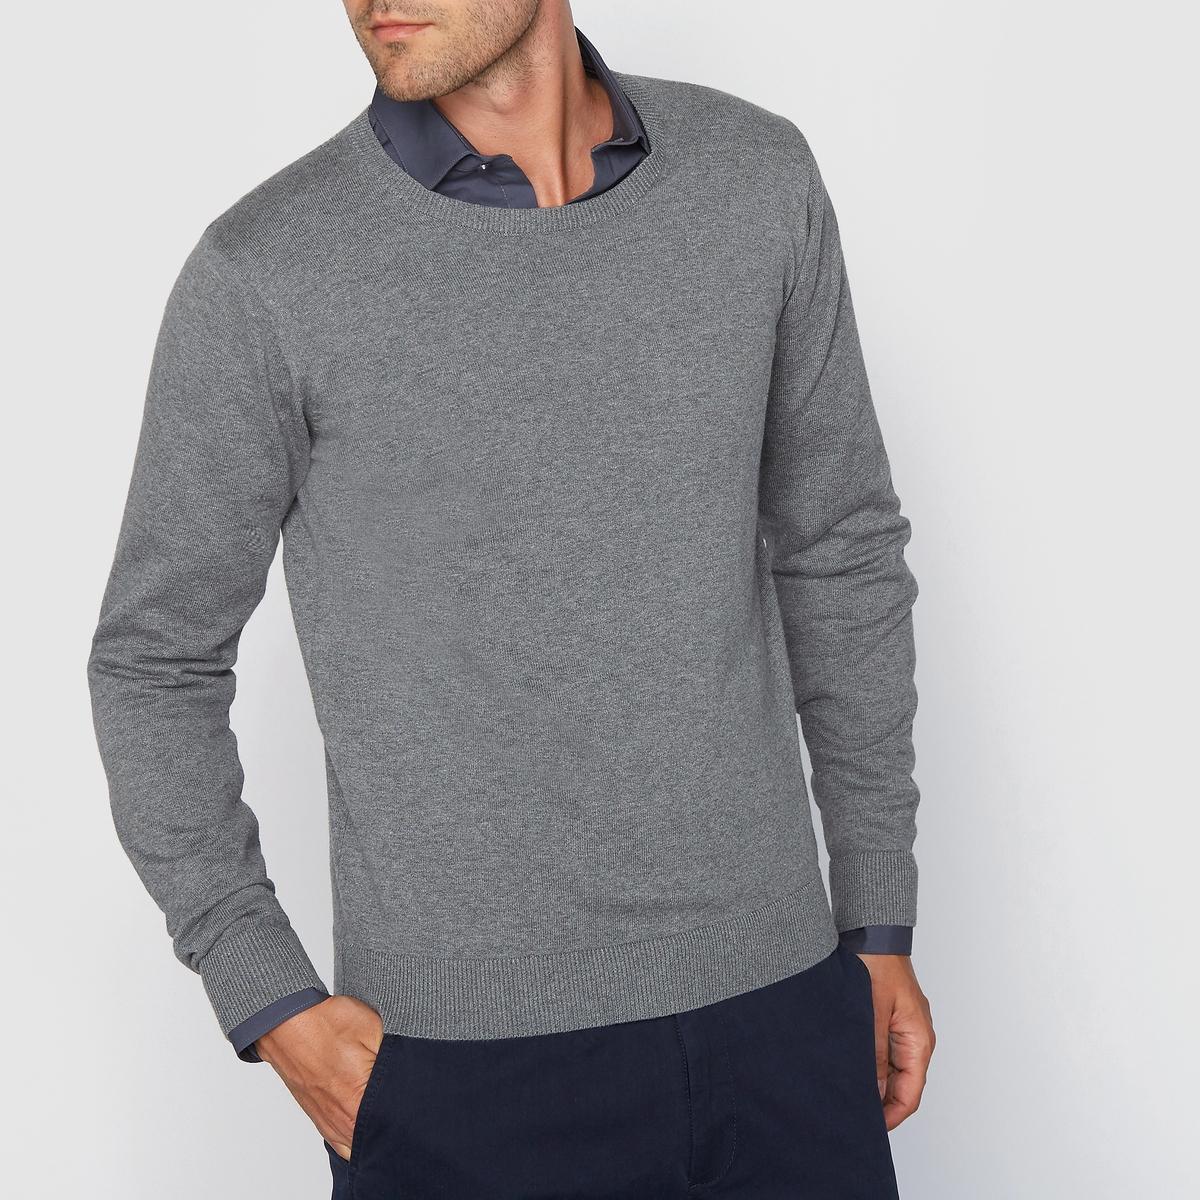 Пуловер с круглым вырезом 100% хлопкаСостав и описание :Материал : 100% хлопкаМарка : R essentiel.<br><br>Цвет: серый меланж,темно-синий меланж,черный<br>Размер: 3XL.XXL.XL.L.XXL.3XL.XXL.L.L.S.S